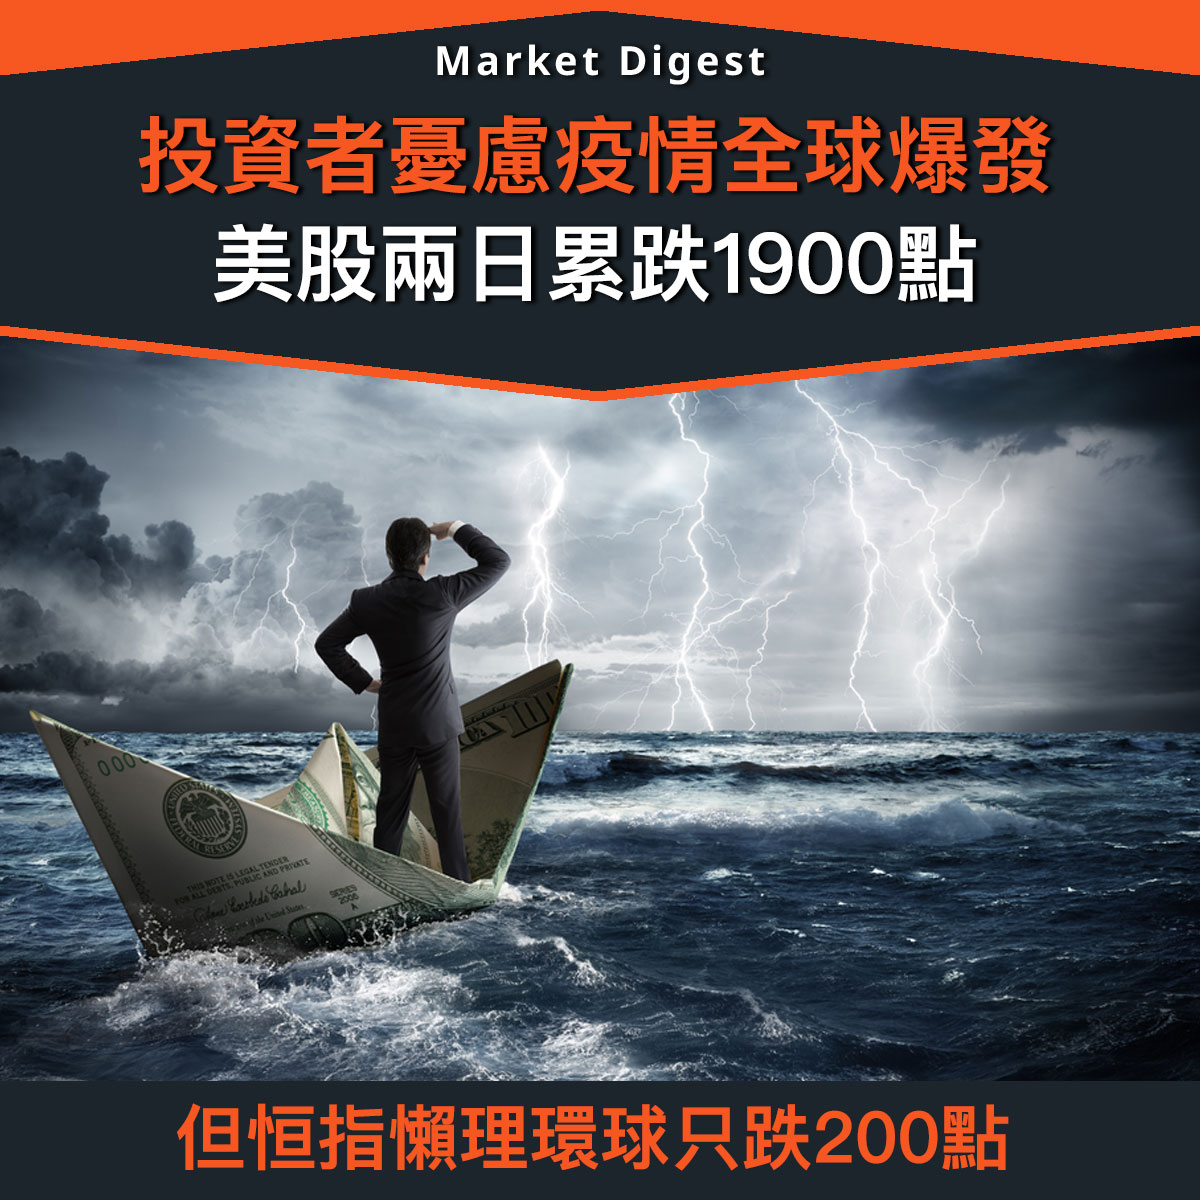 【市場熱話】投資者憂慮疫情全球爆發,美股兩日累跌1900點